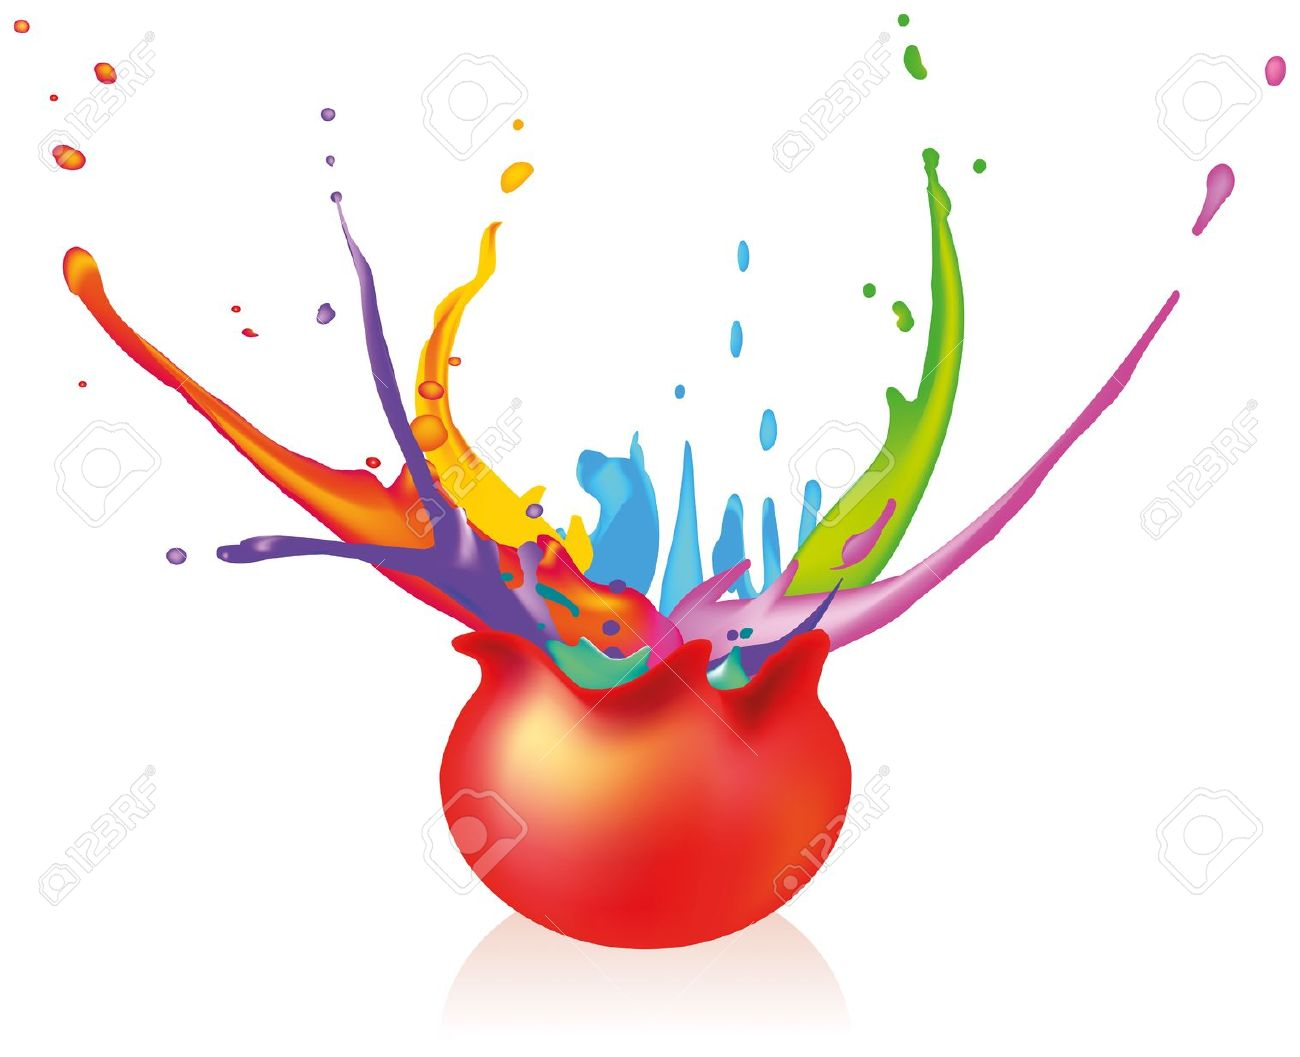 Splatter clipart burst Illustrations background 1300x1057 Splashing no